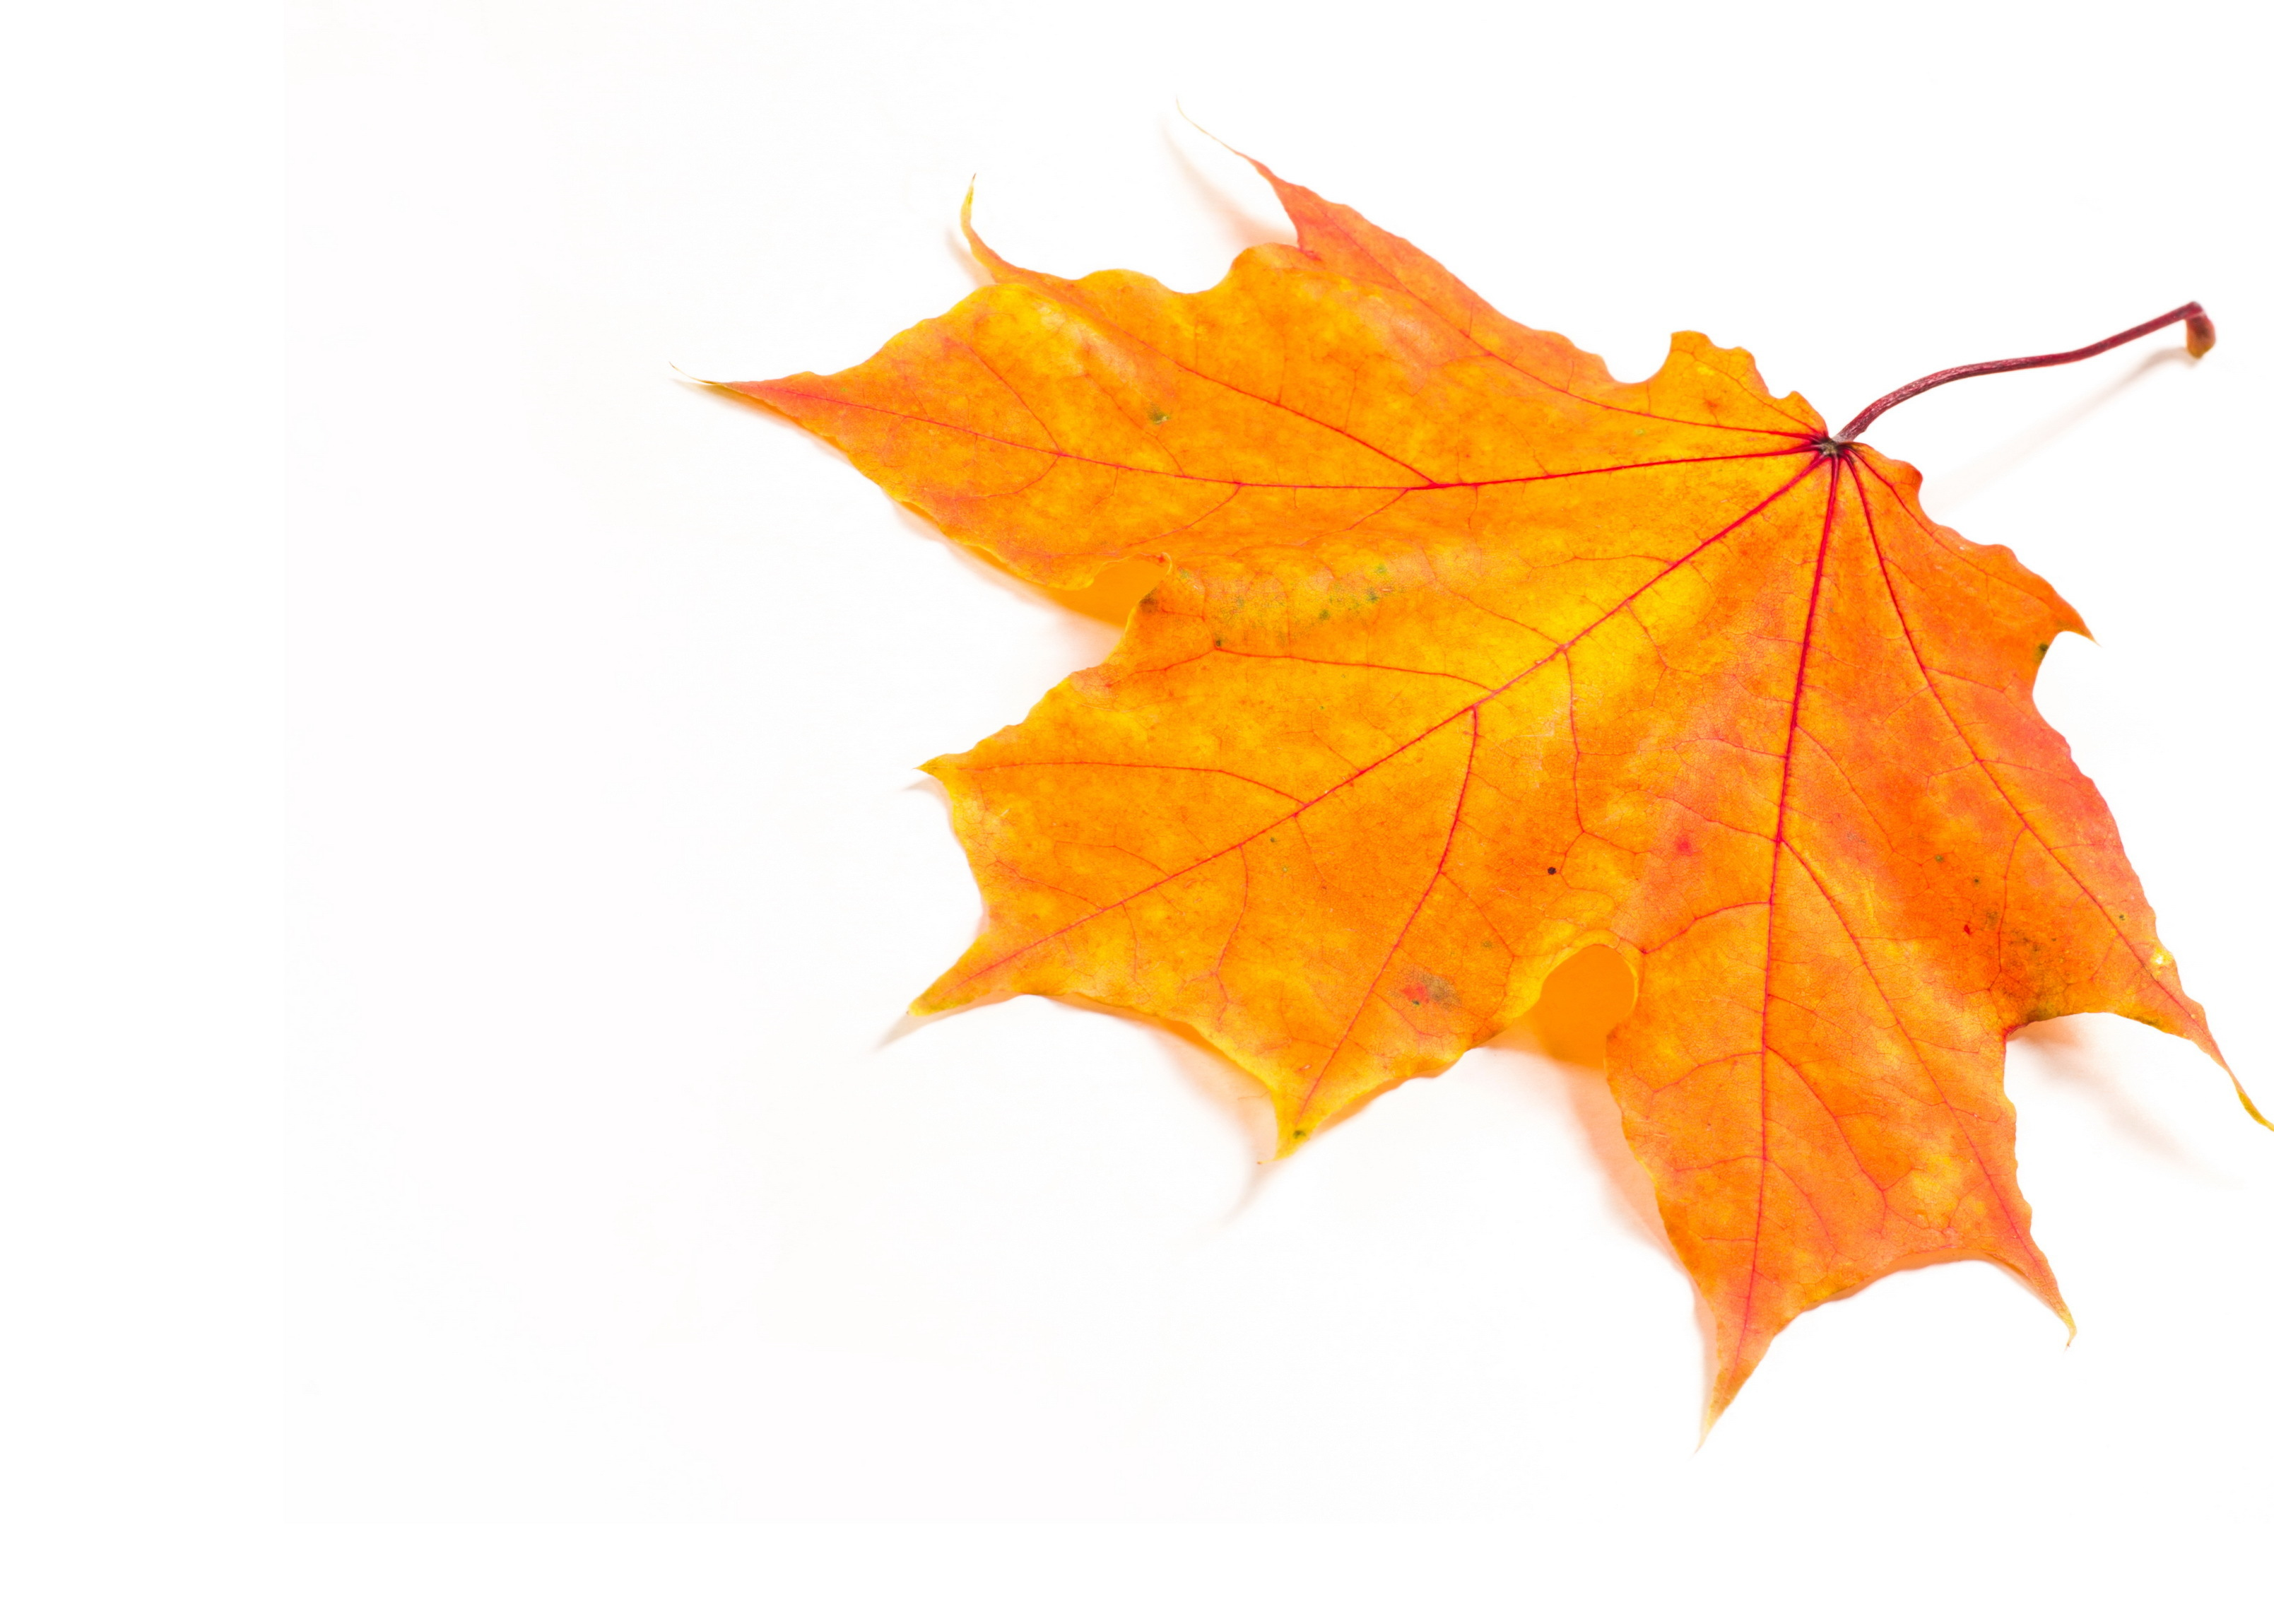 Blaetterbilder-basteln-Ideen-fuer-den-Herbst-Fuer-Menschen-mit-Demenz